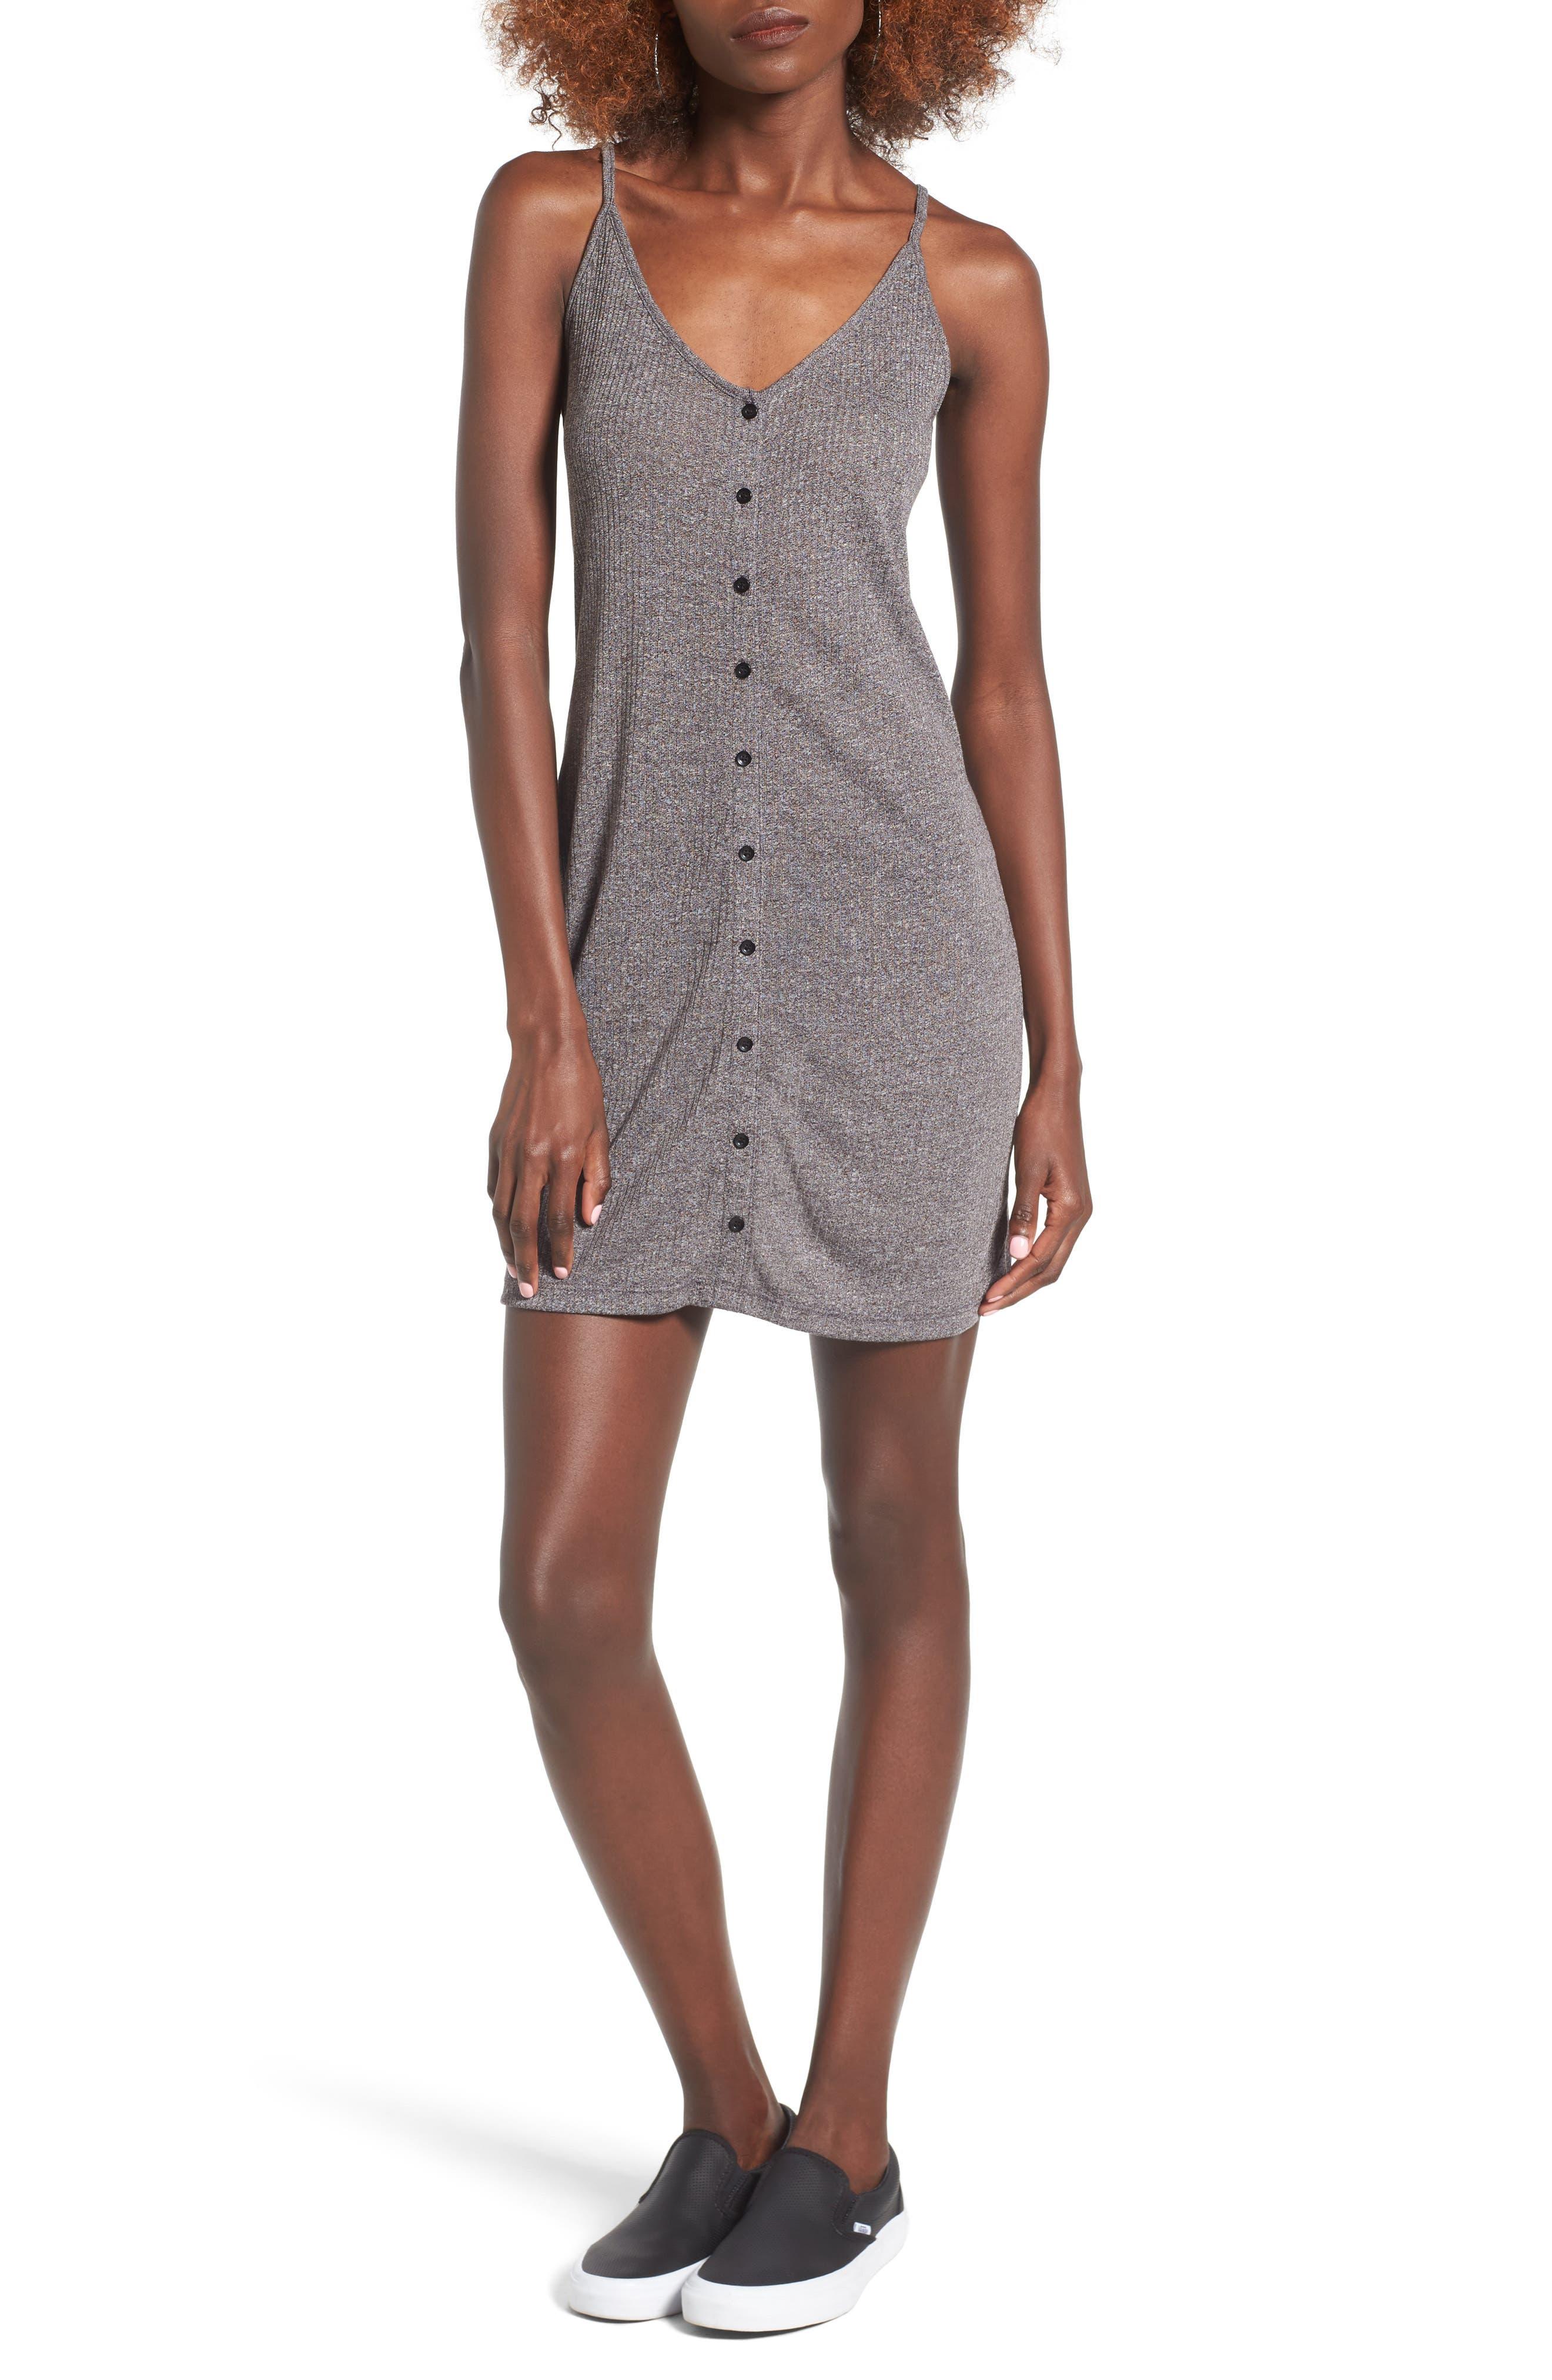 Barbados Rib Knit Dress,                             Main thumbnail 1, color,                             020